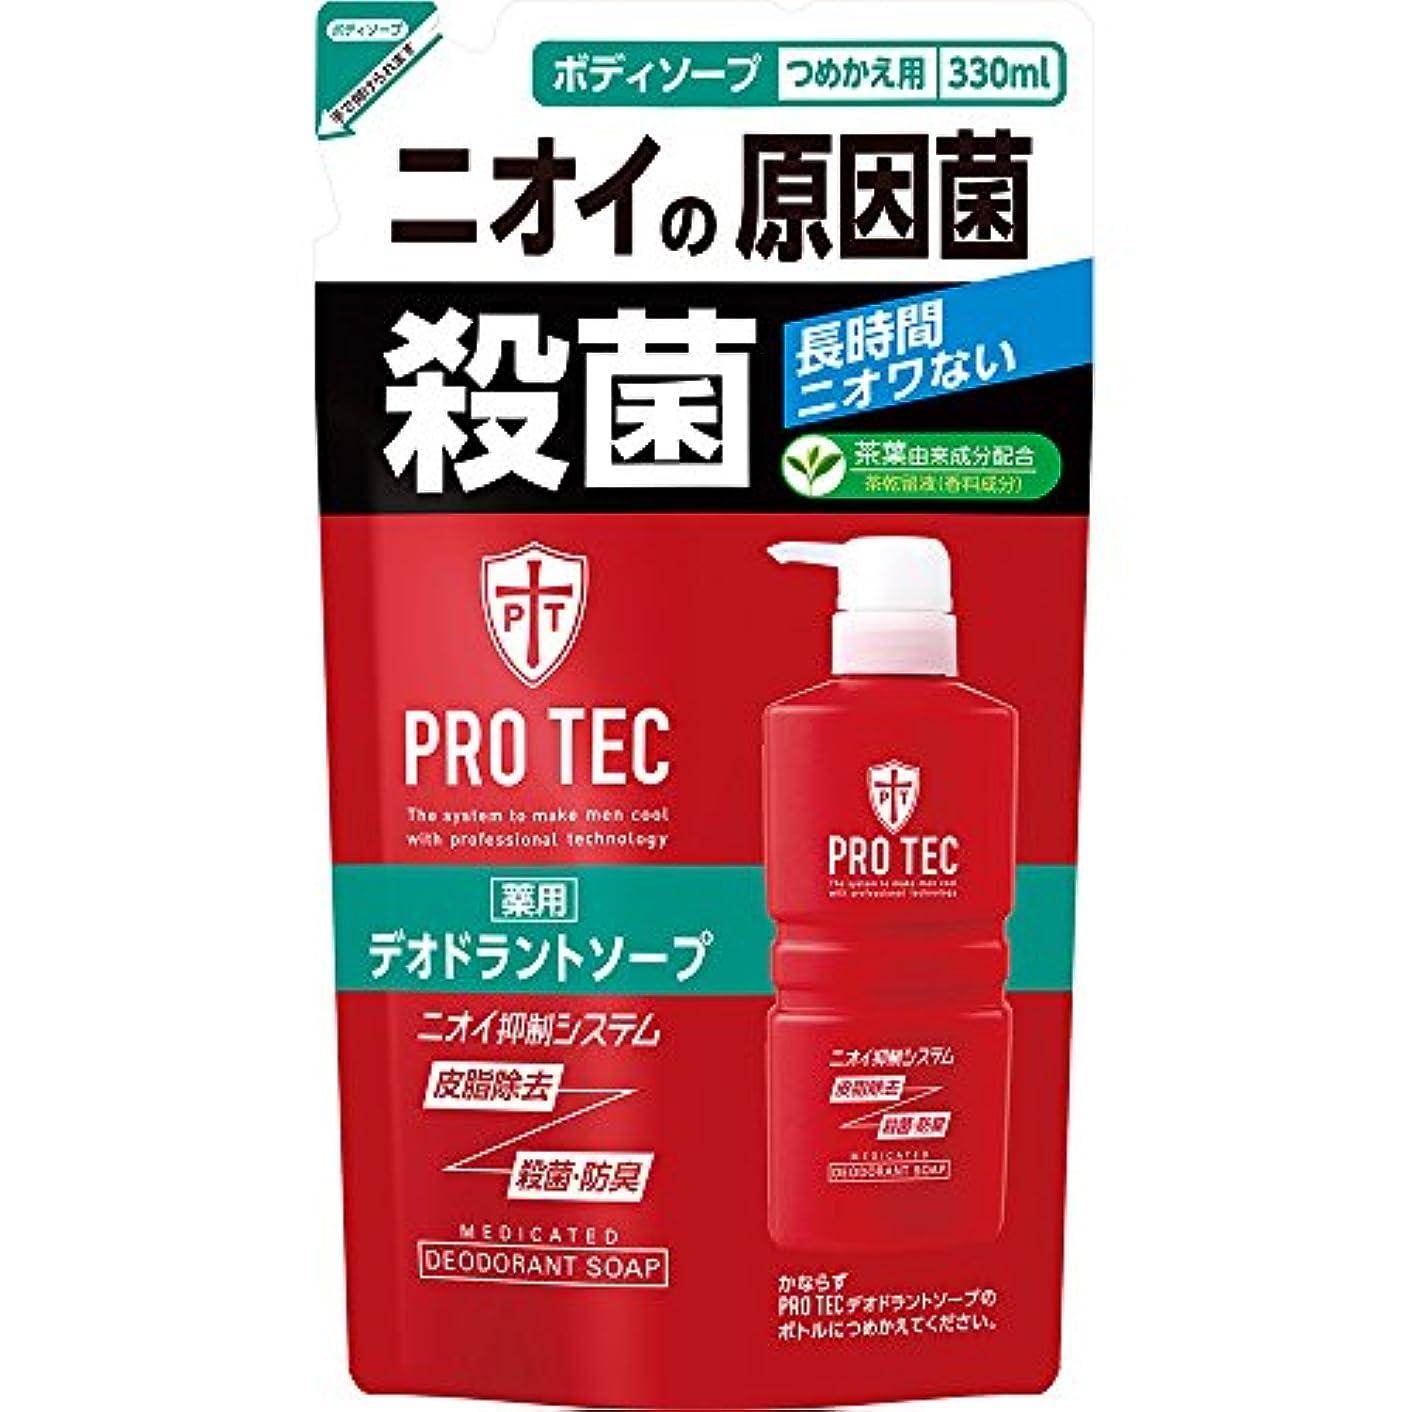 効果的干ばつ高度PRO TEC(プロテク) デオドラントソープ つめかえ用330ml×1個(医薬部外品)